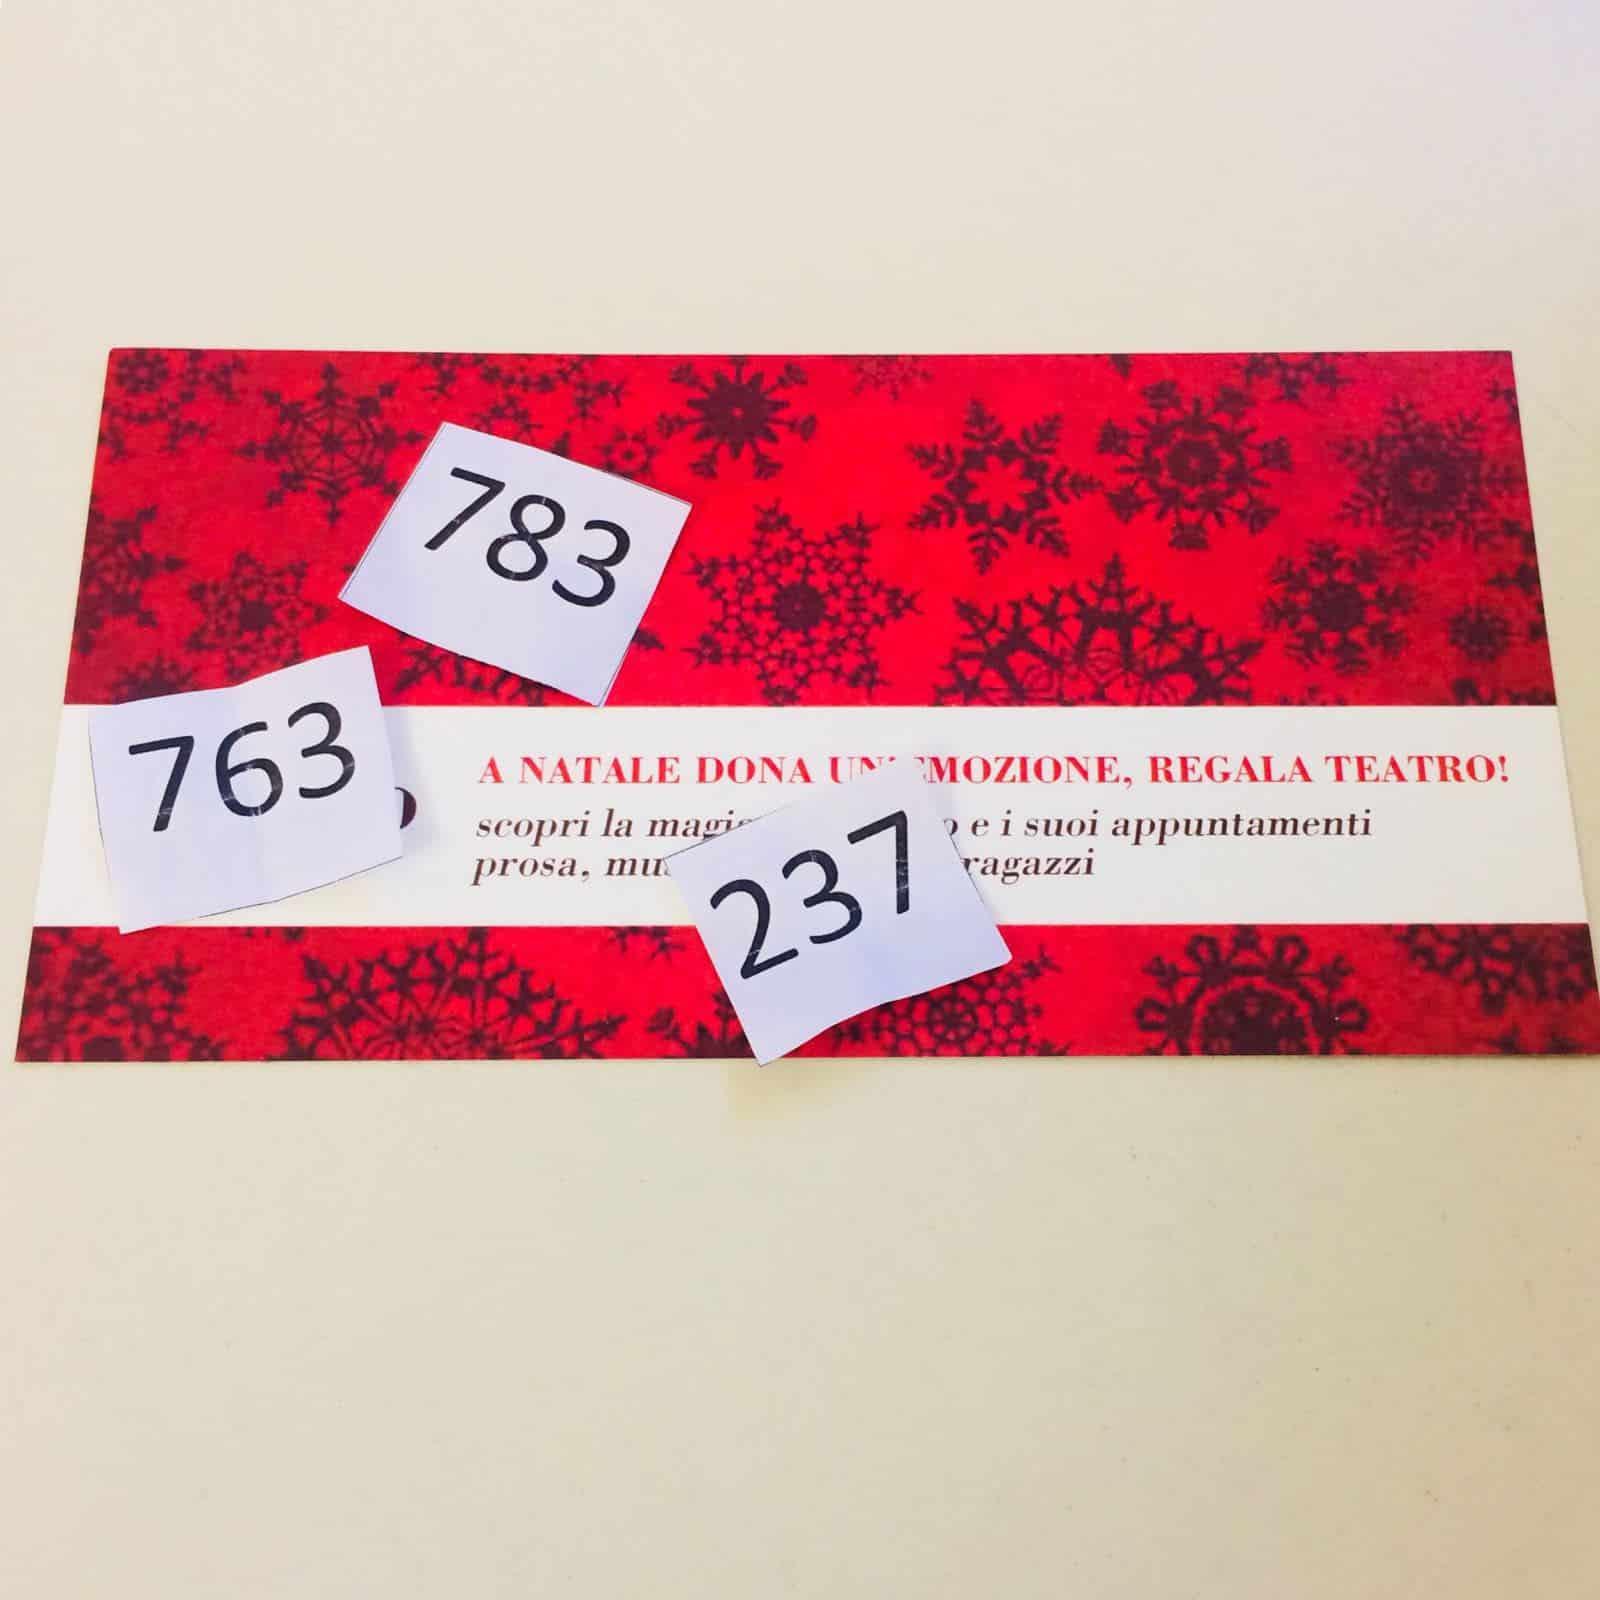 Natale 2017 con regali per AMATi Abbonati!